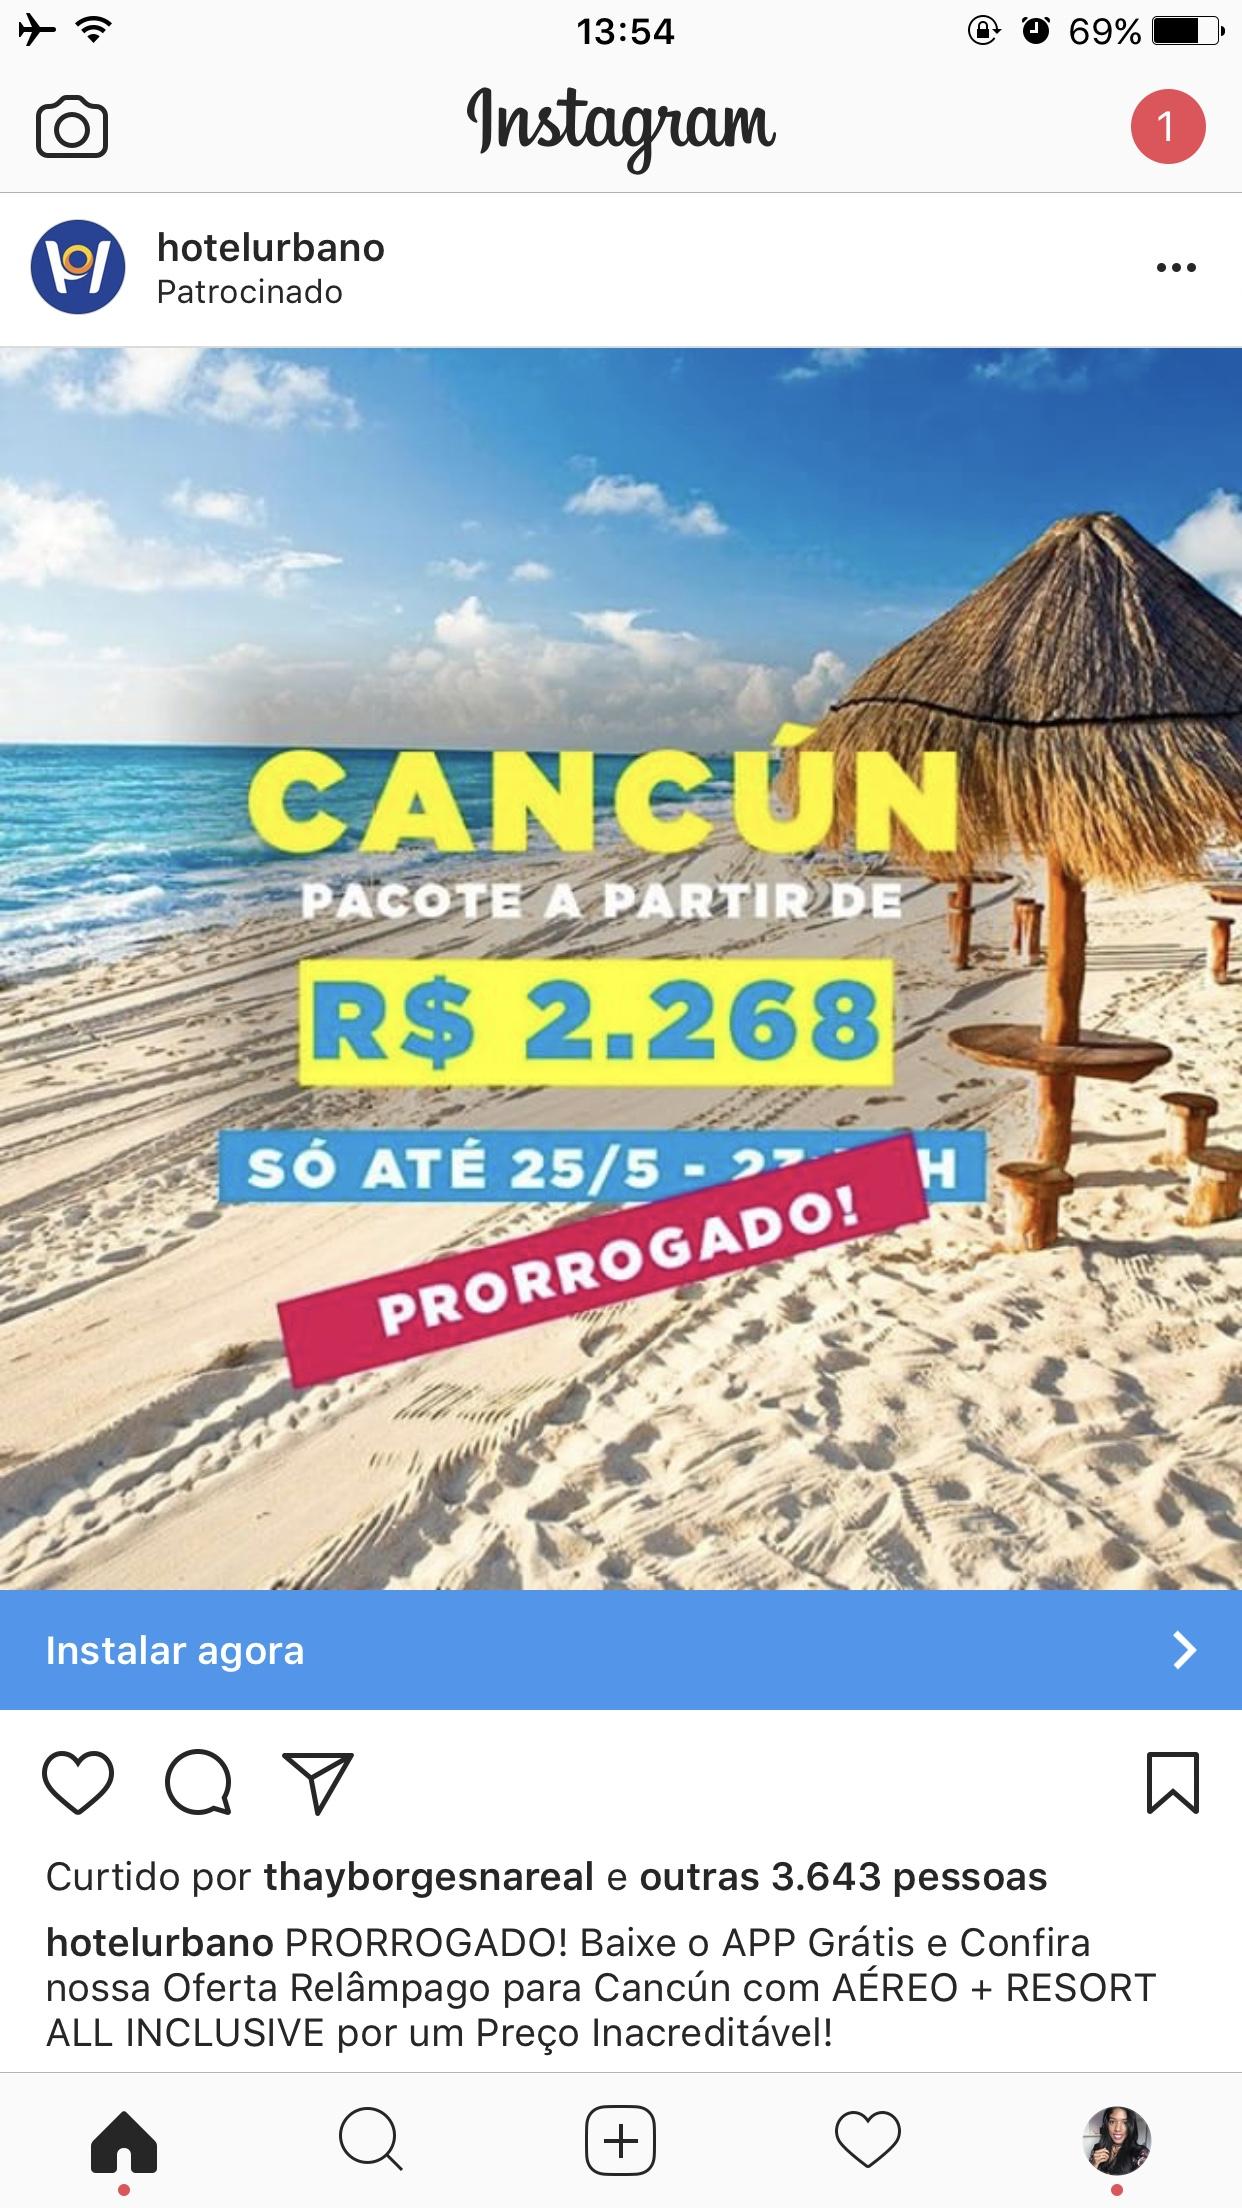 anuncios-do-instagram-para-conversao-do-site (2)